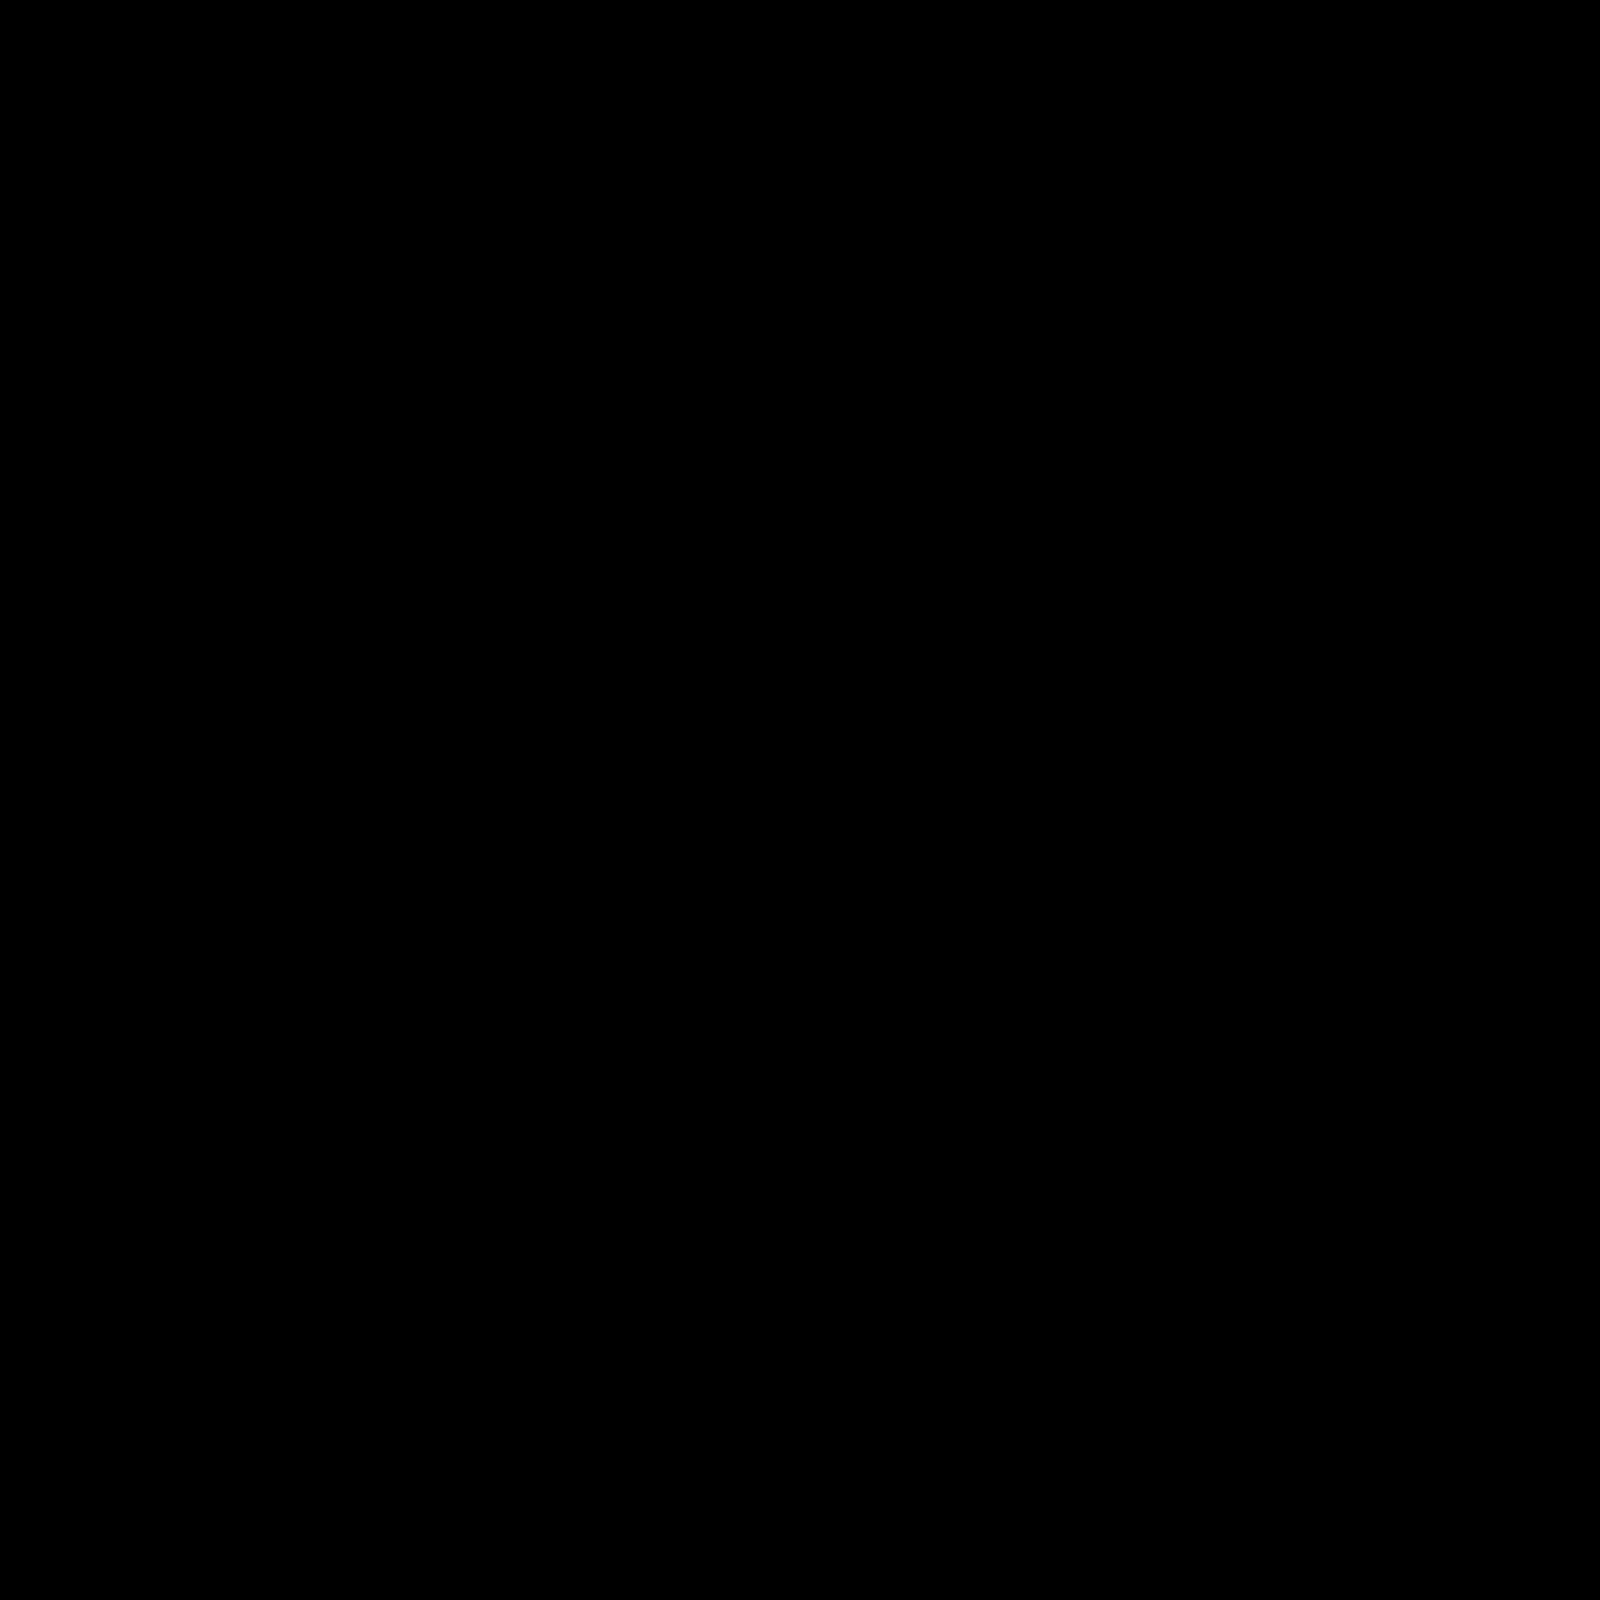 日历9 icon. This is the number 9 inside of a box. There is a line drawn across the top of the box, about a quarter inch from the top. There's two little tabs at the top of the box.